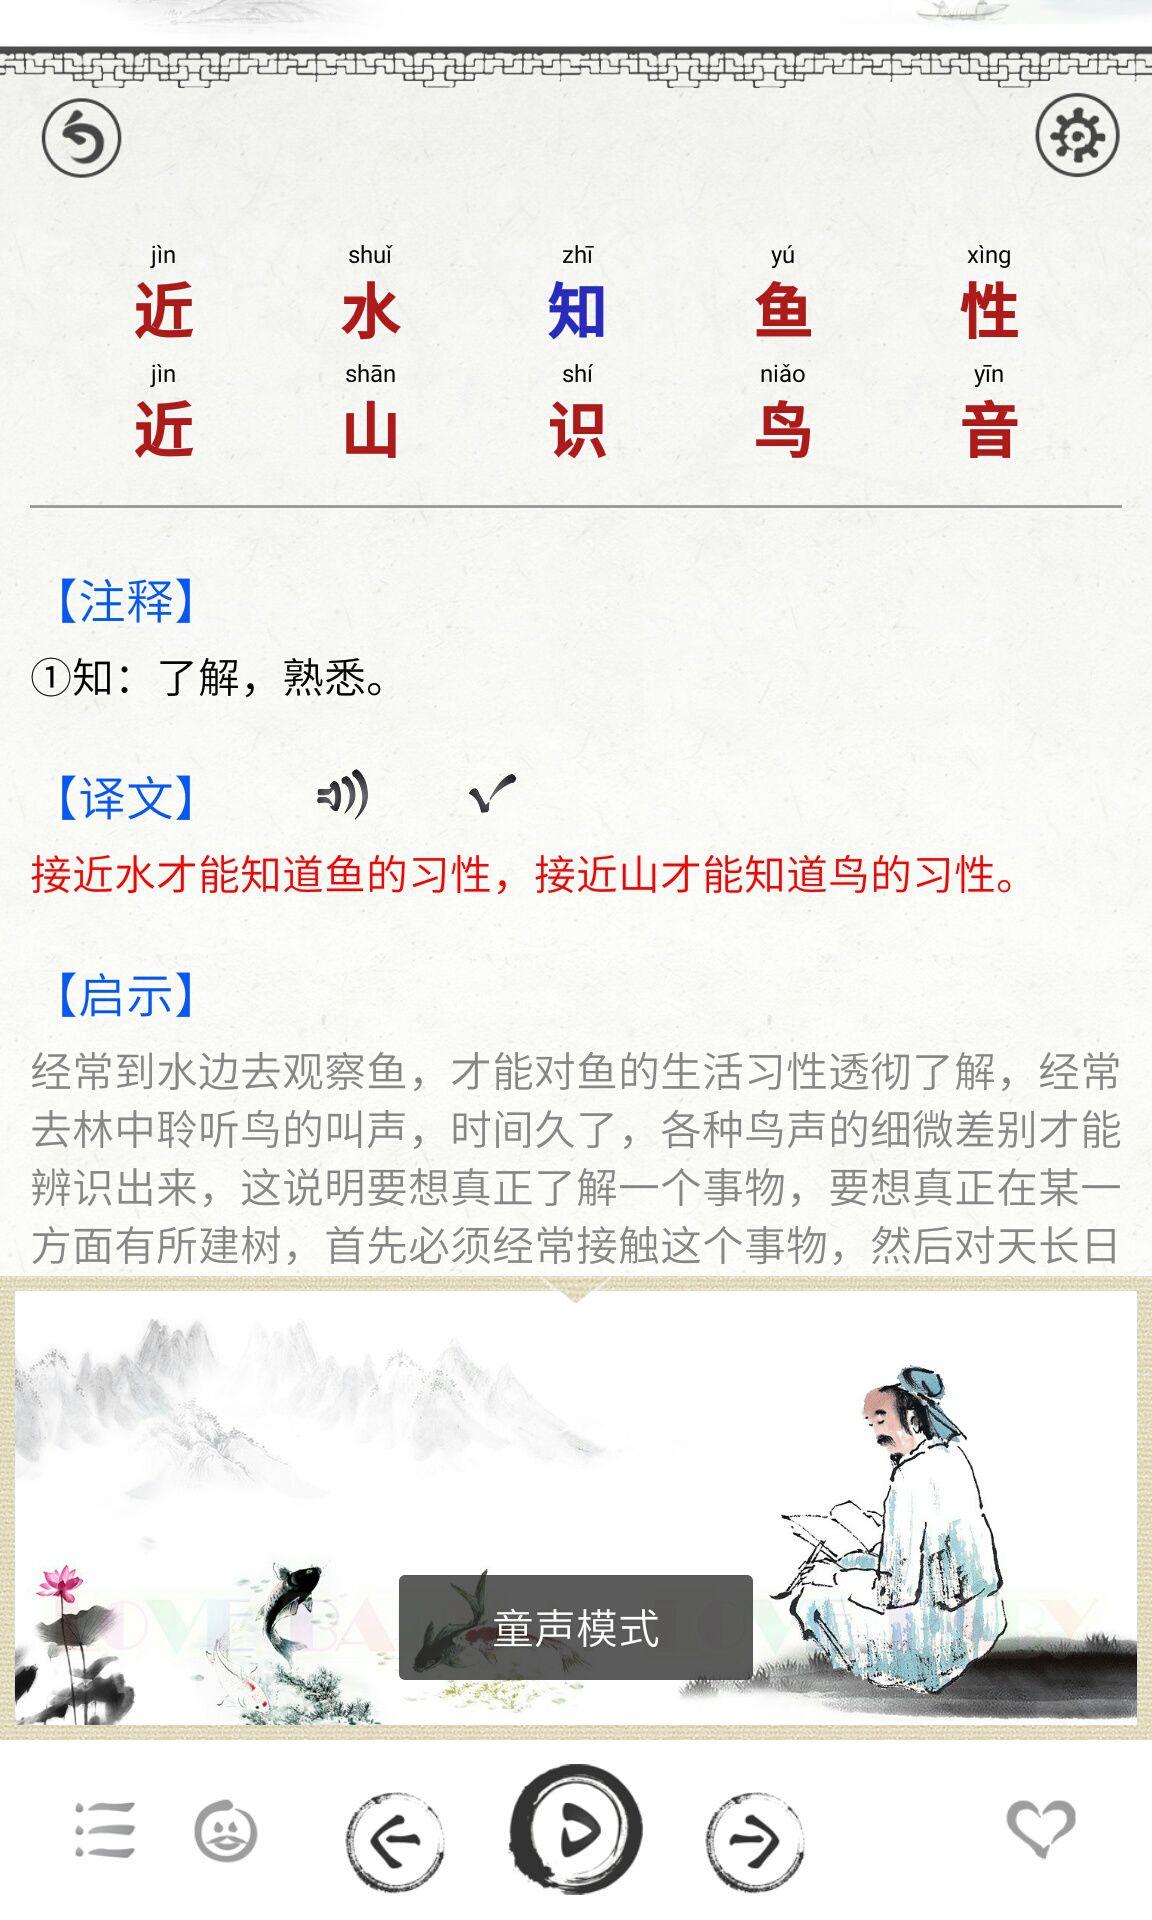 增广贤文图文有声国学 V2.1 安卓版截图1